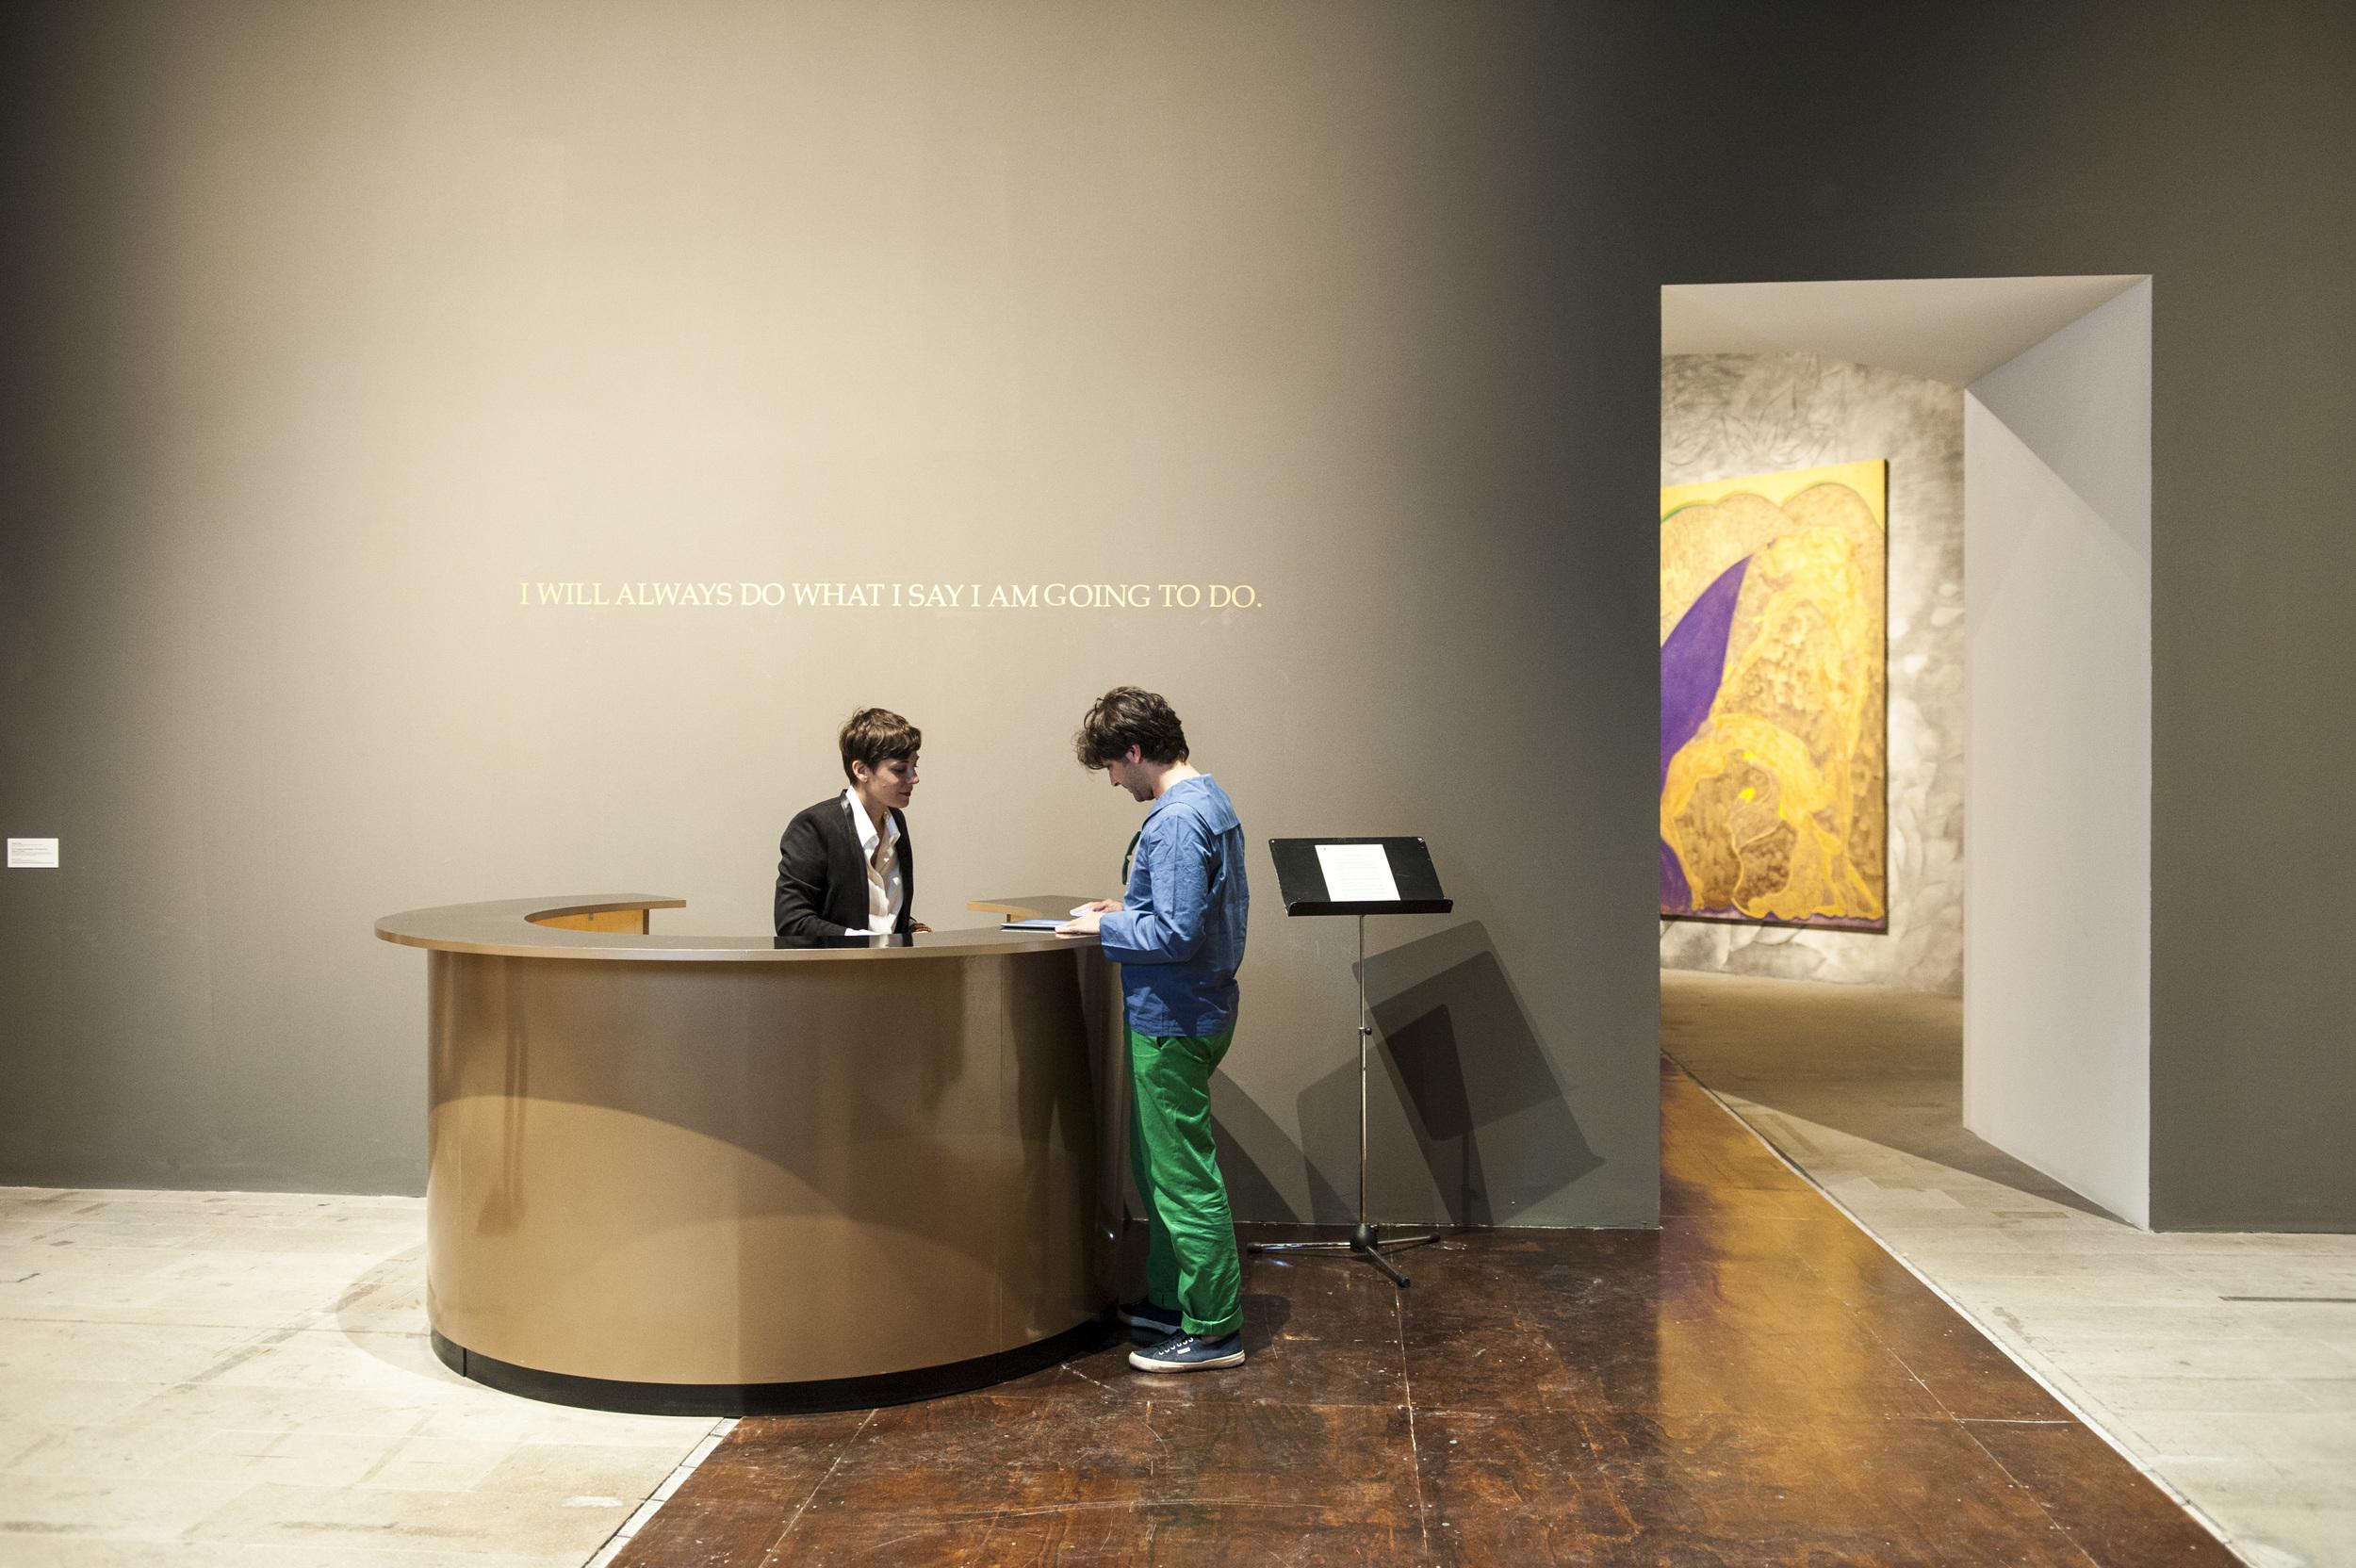 Adrian Piper -The Probable Trust Registry: The Rules of the Game # 1-3, 2013.  Photo by Alessandra Chemollo -Courtesy La Biennale di Venezia